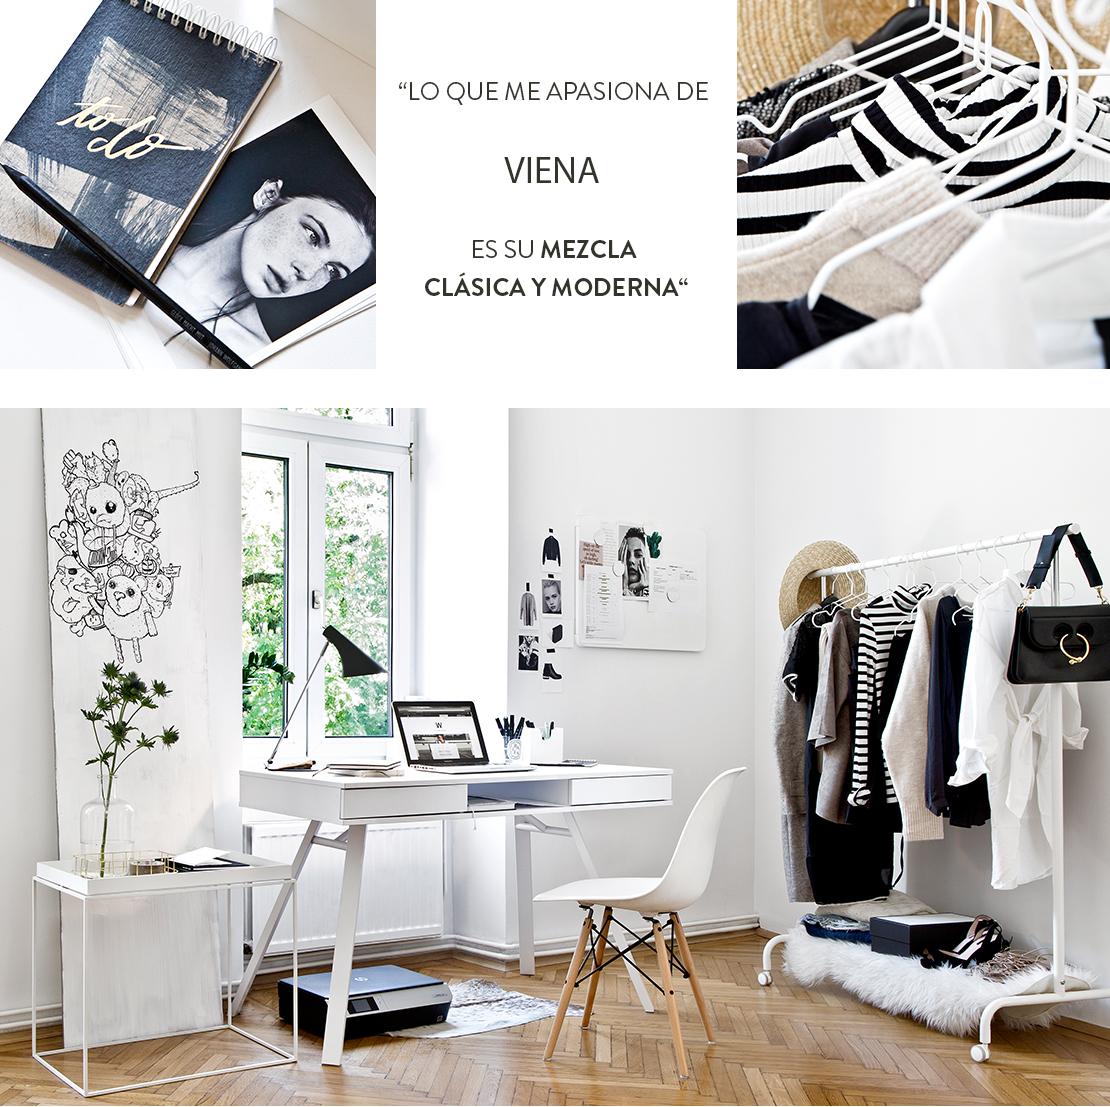 Piso minimalista en Viena contrastes